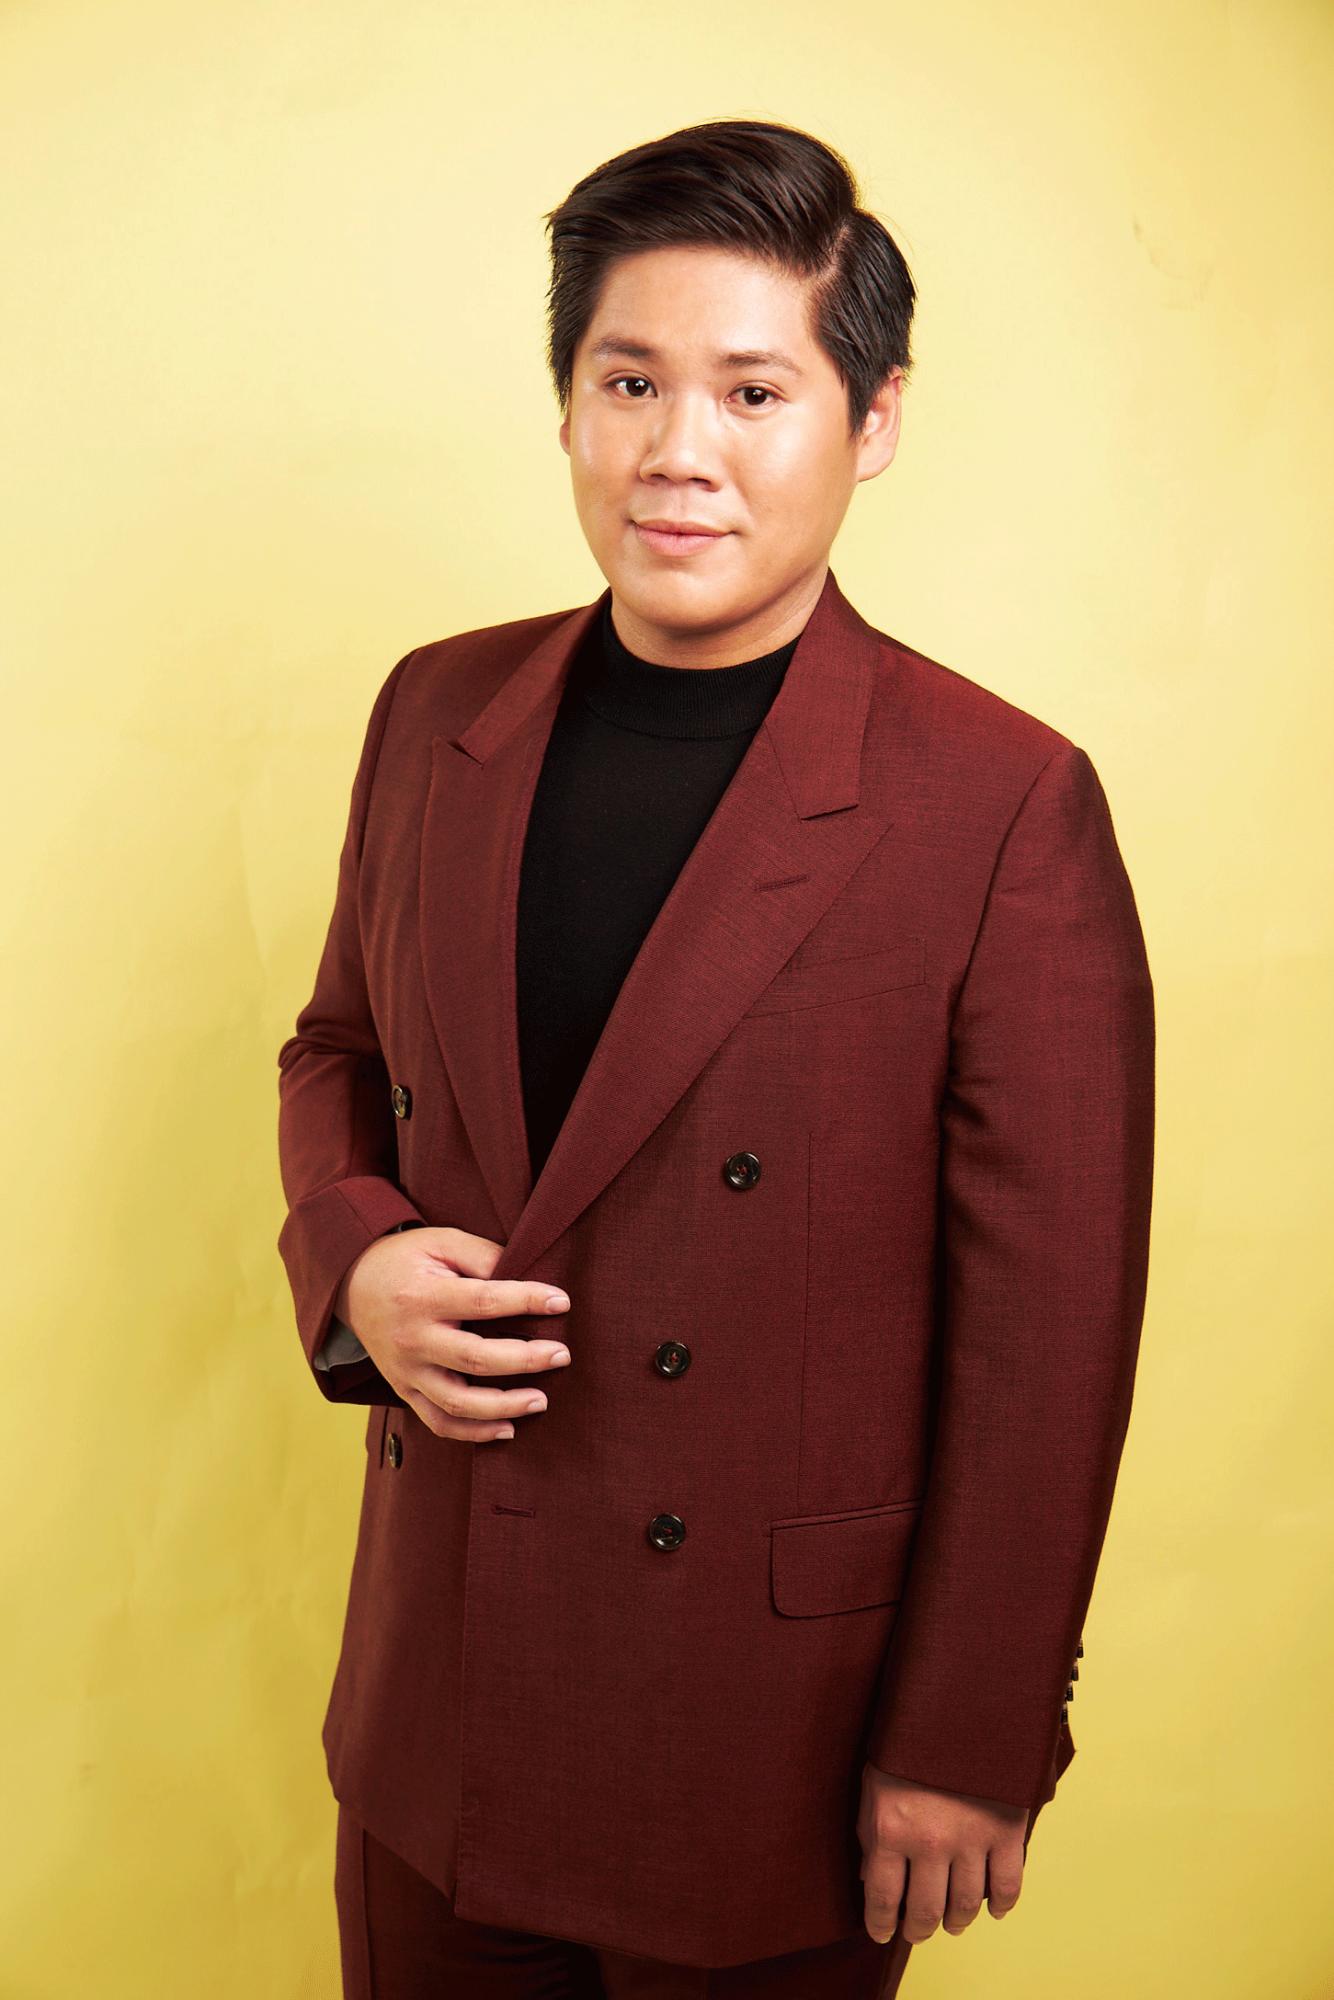 Mark Ocampo